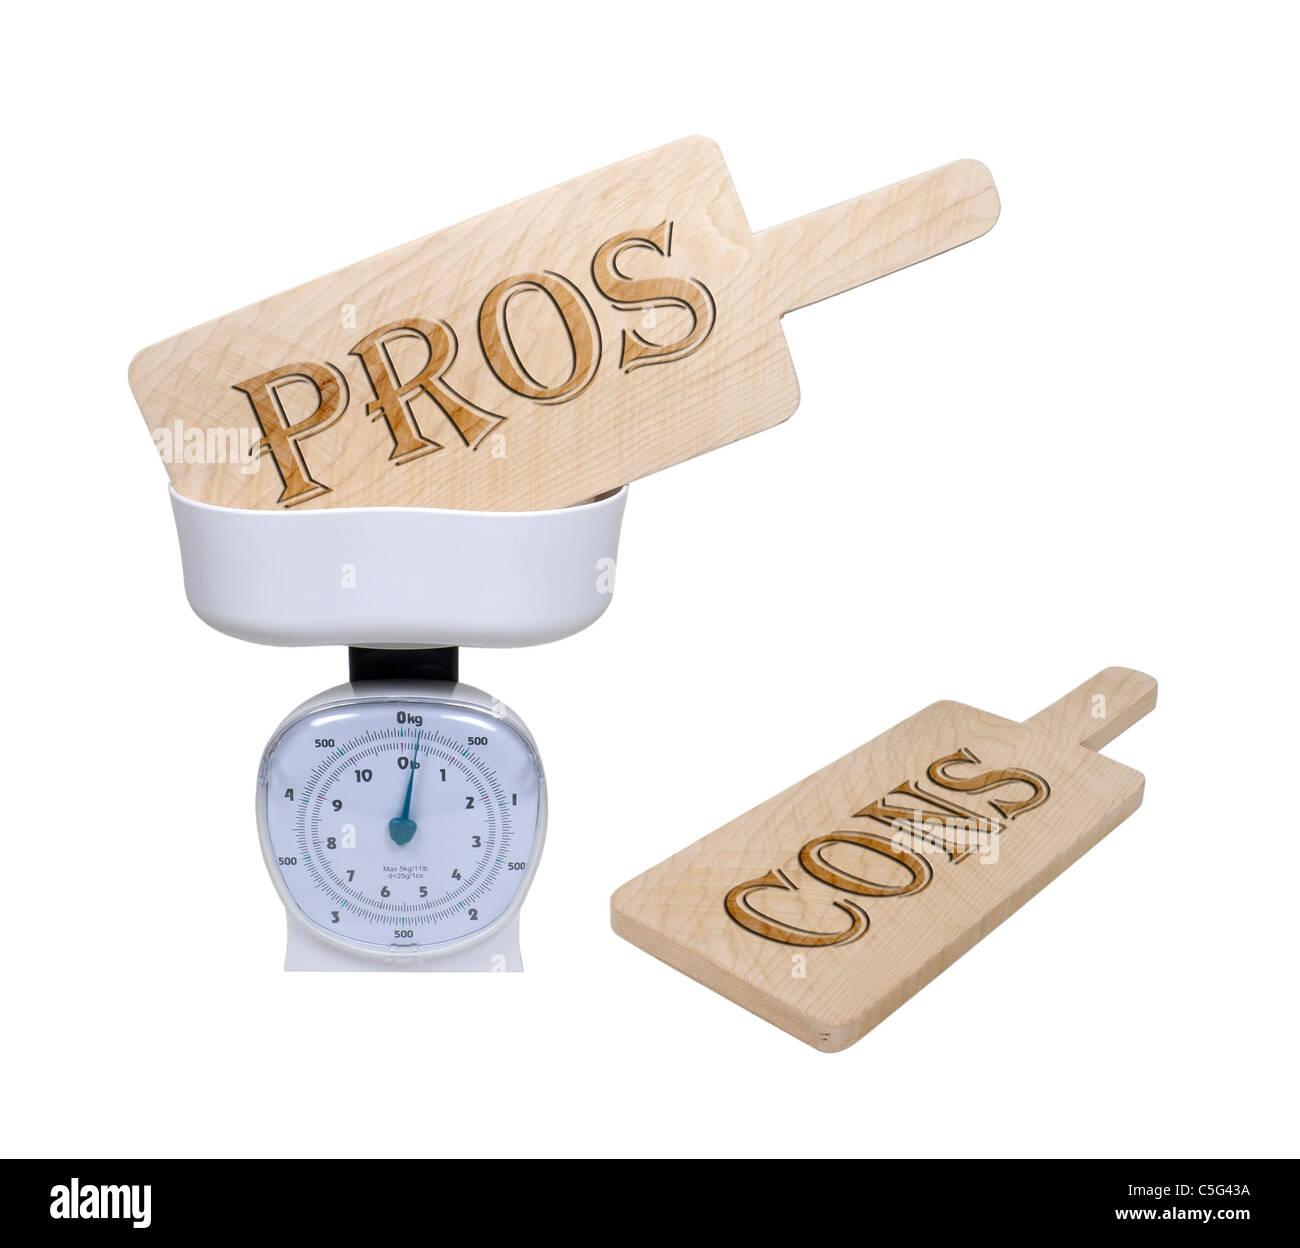 Sopesar los pros y los contras mostrada por pro y con señales de madera en una canasta escala - Ruta incluida Imagen De Stock